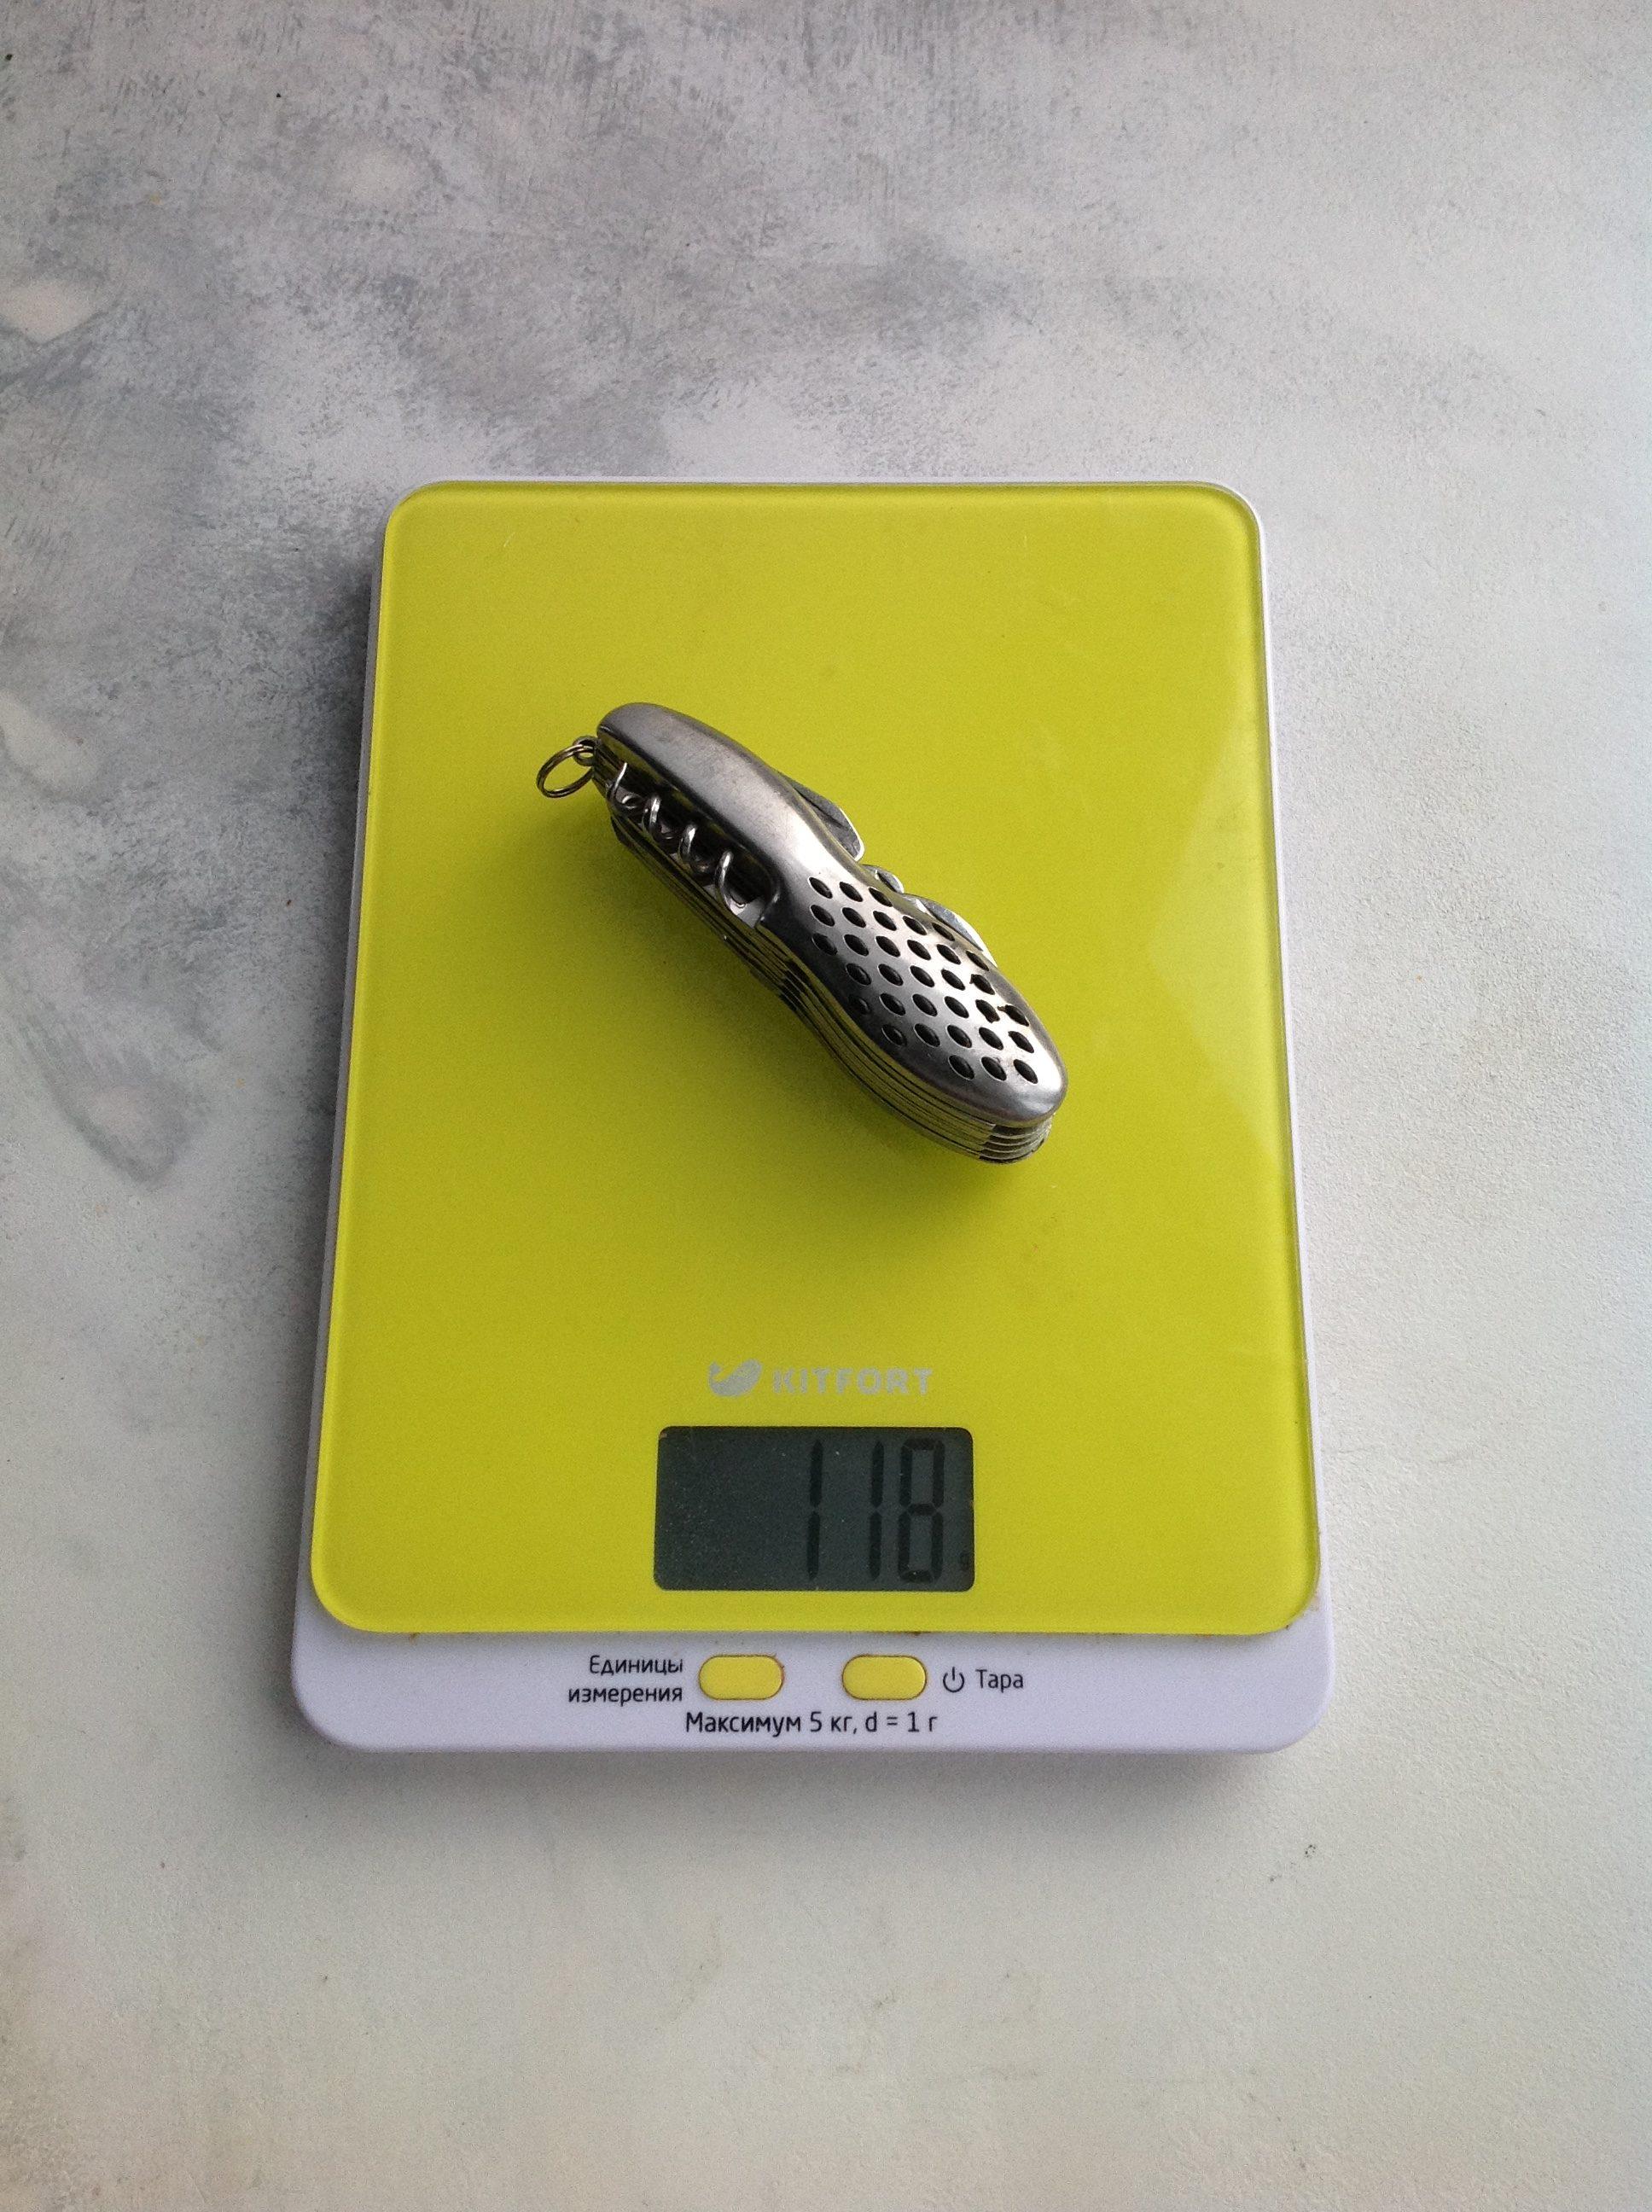 вес многофункционального ножа